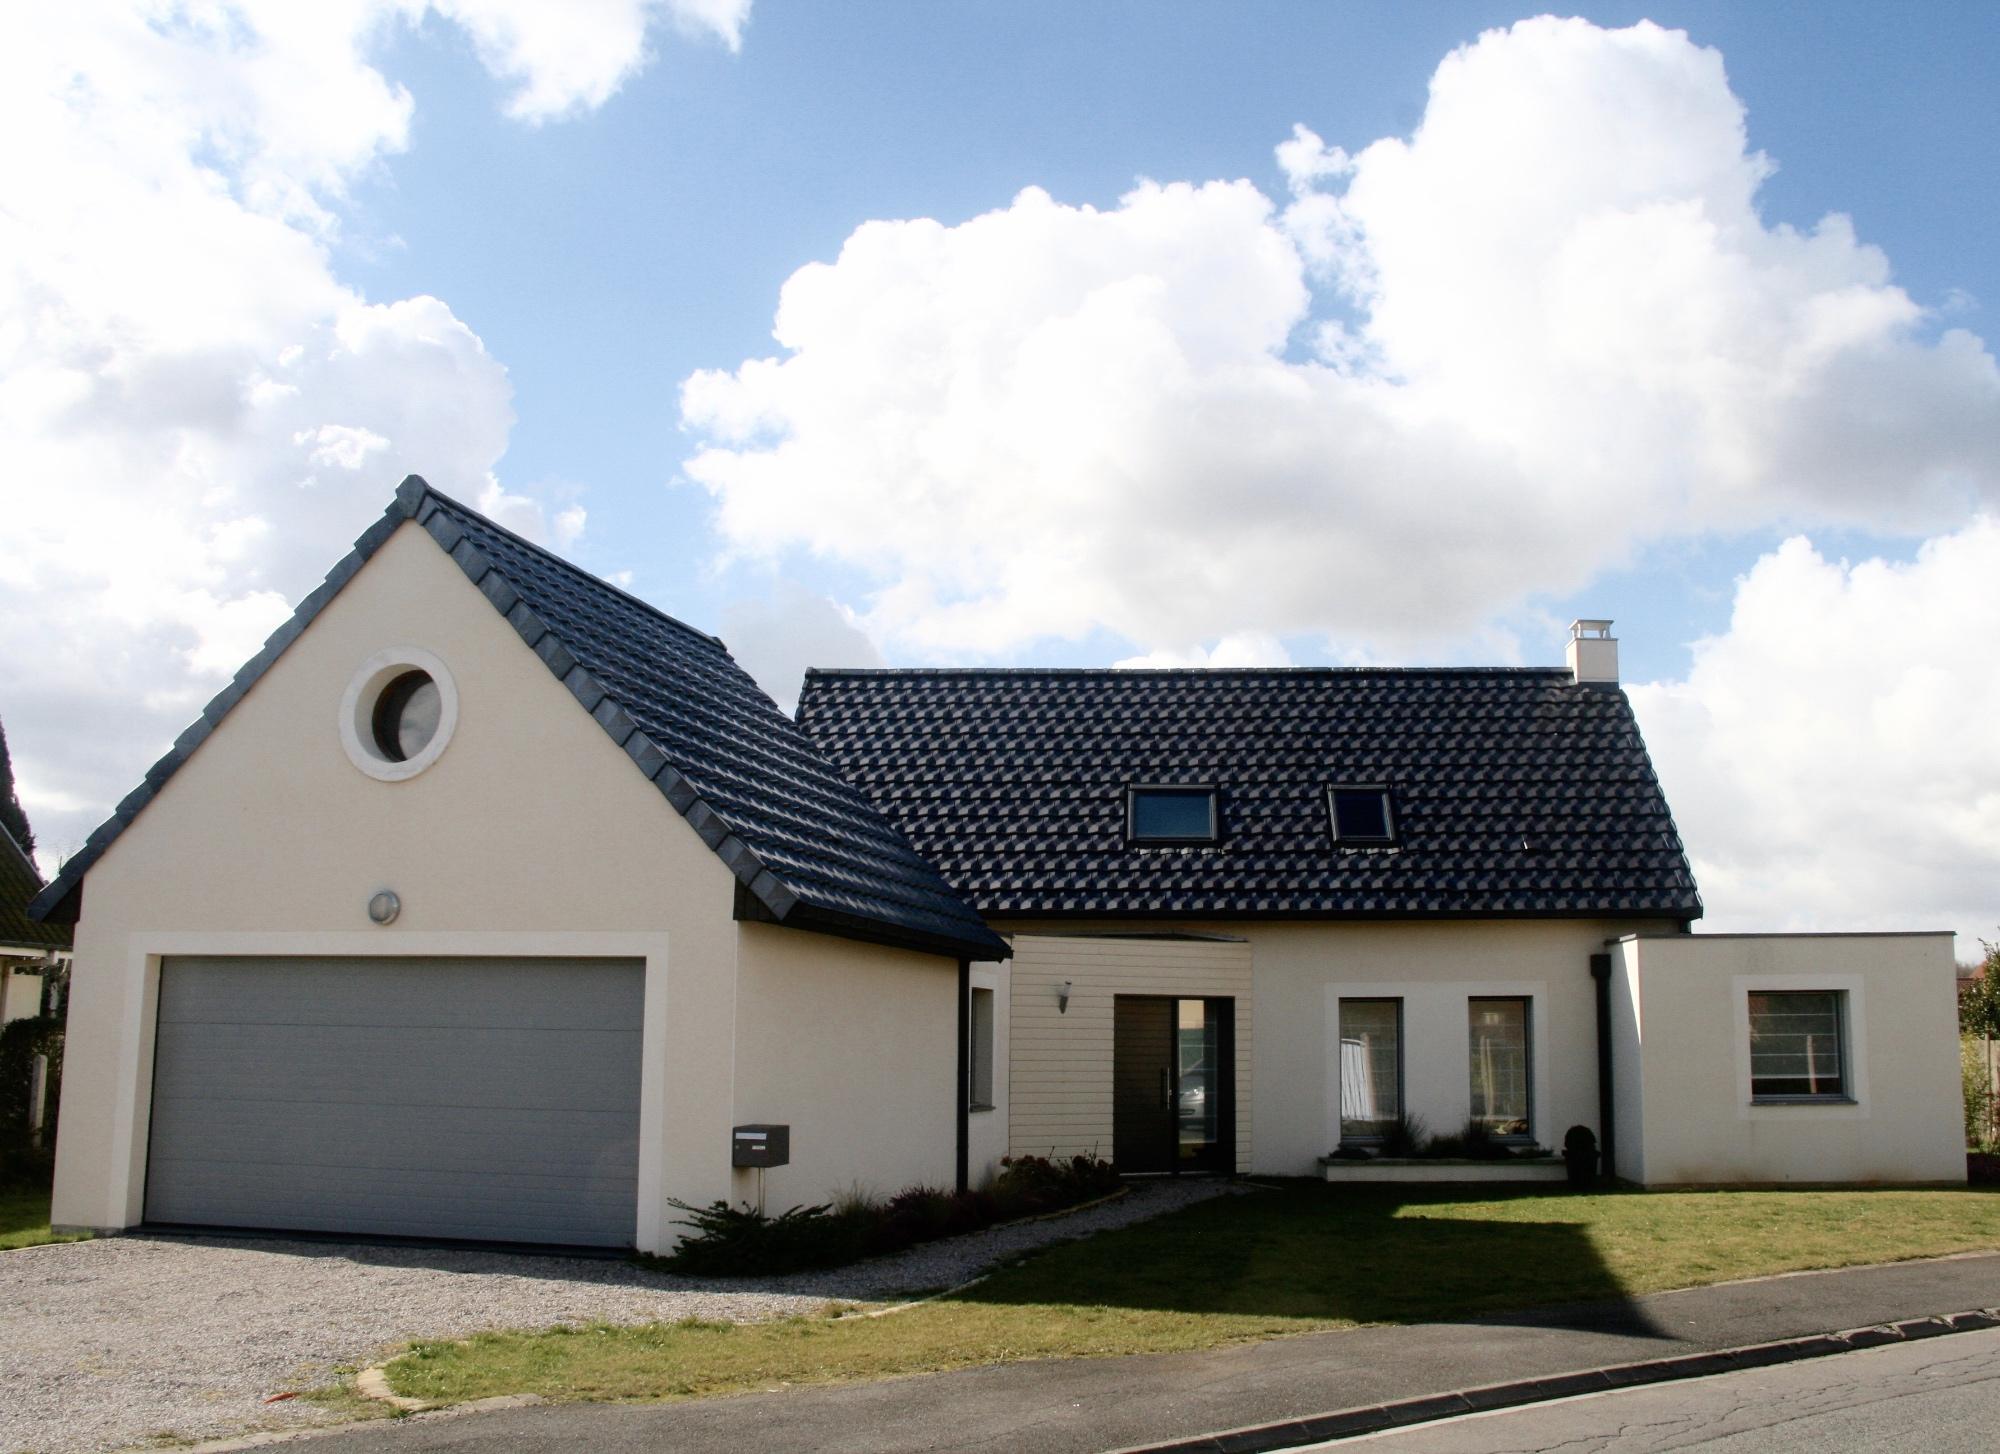 Architecte Constructeur Of Architecte Constructeur Nord 59 Maisons Neuves